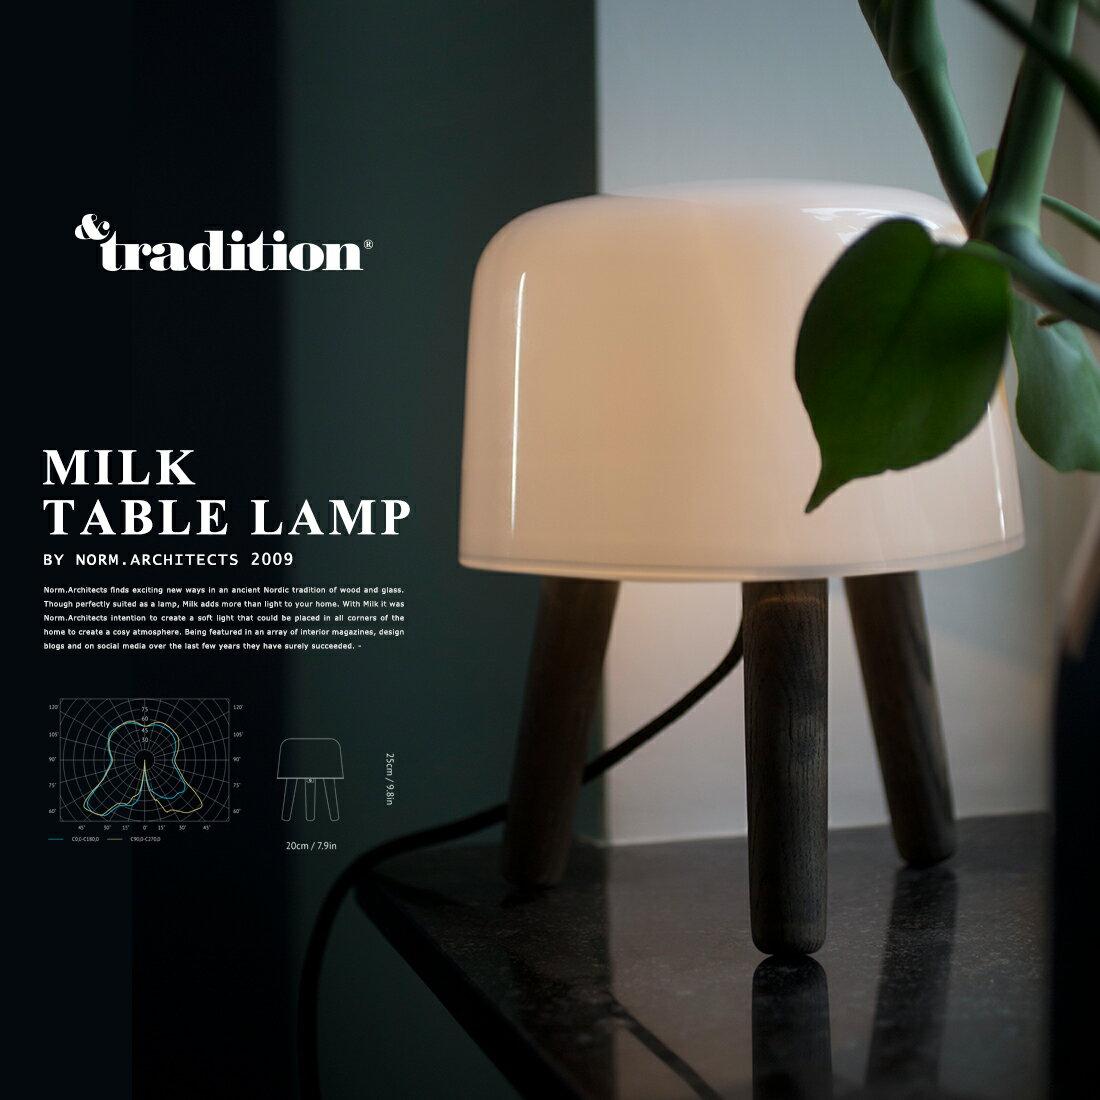 ●●【&TRADITION/アンドトラディション】MILK TABLE LAMP ミルク テーブル ランプ &Tradition/アンドトラディッション/テーブルライト/照明/ガラス/木/リビングダイニング/Denmark/クラッシック/Norm Architects【RCP】